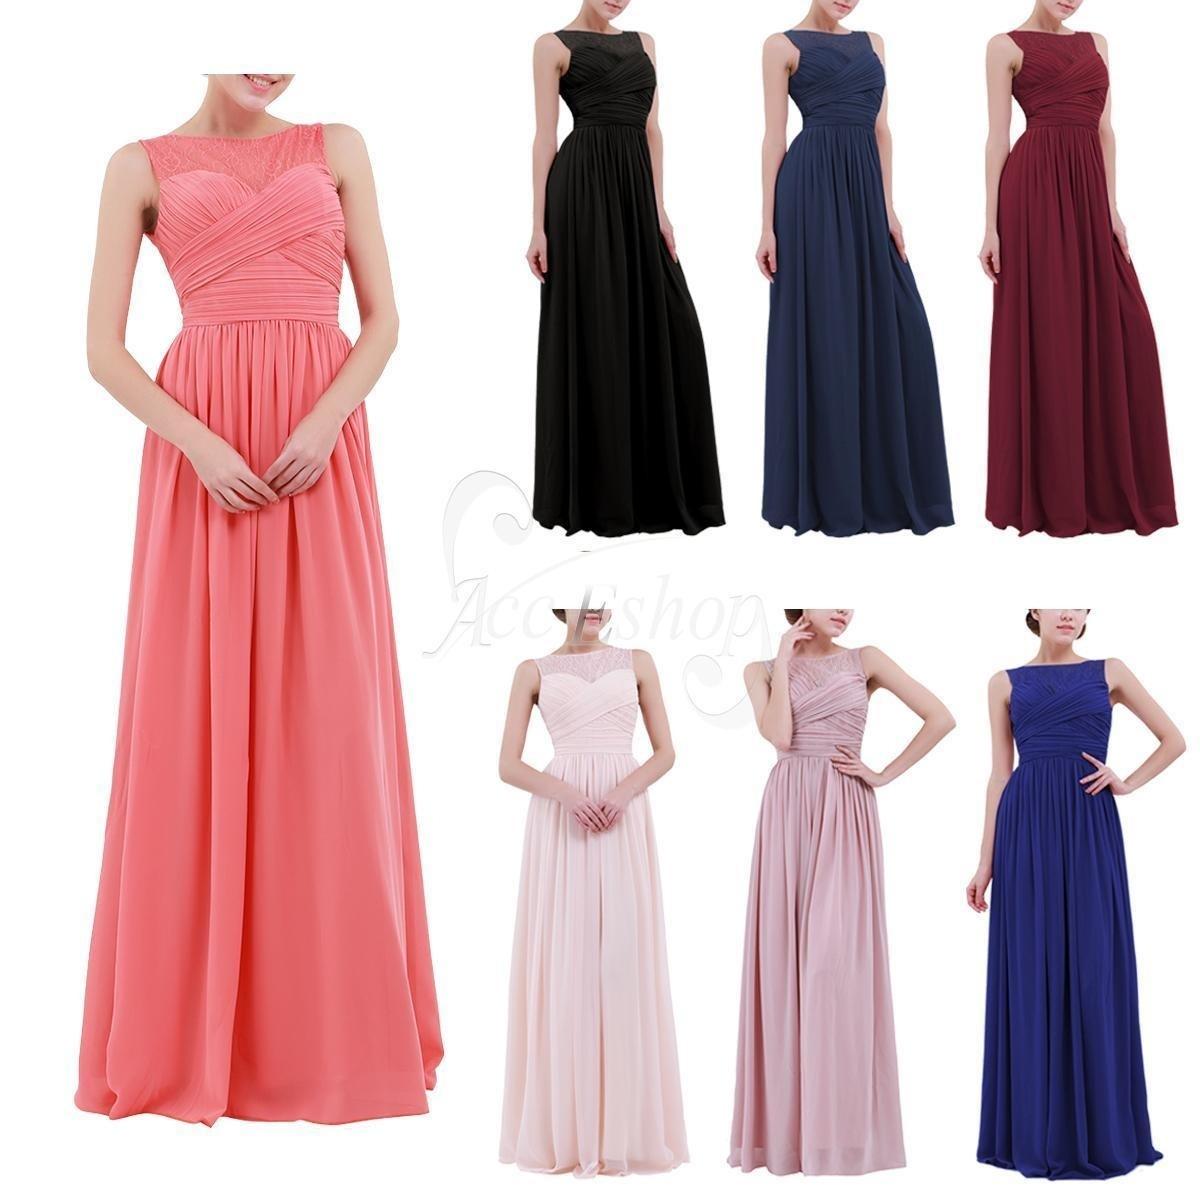 Formal Spektakulär Abendkleider Lang Für Hochzeit Galerie17 Elegant Abendkleider Lang Für Hochzeit für 2019